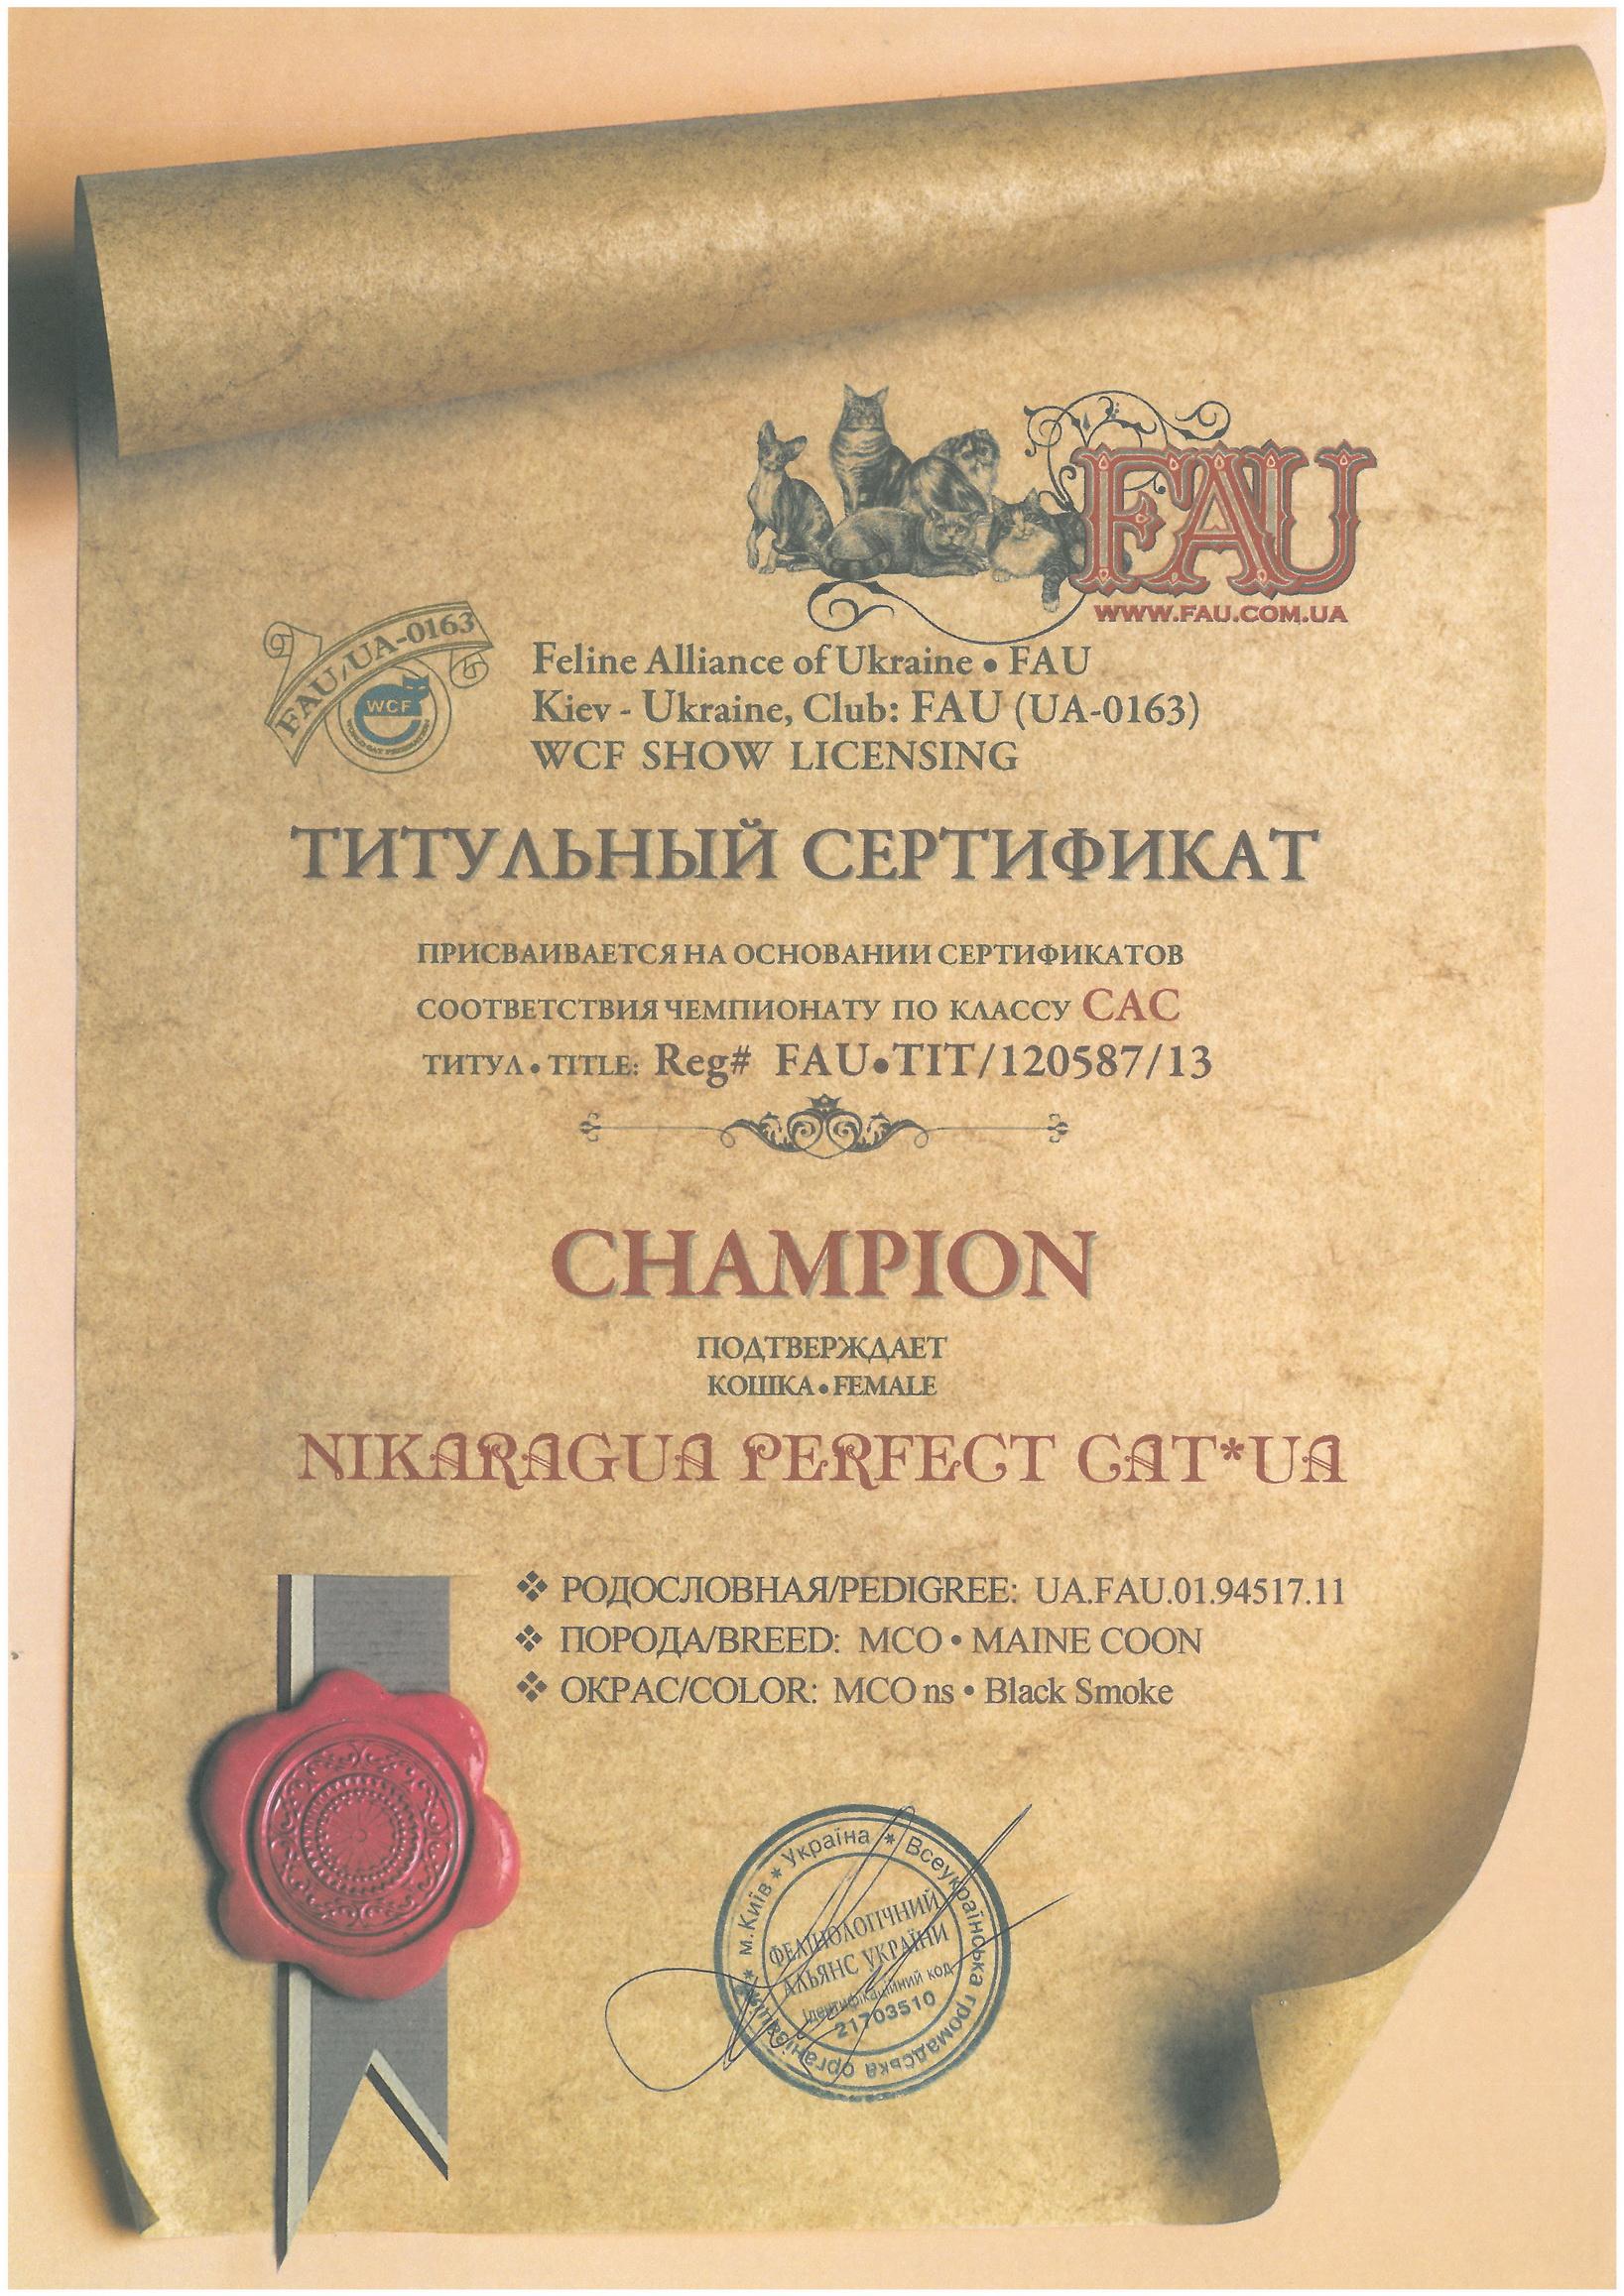 Champion (WCF) Nikaragua